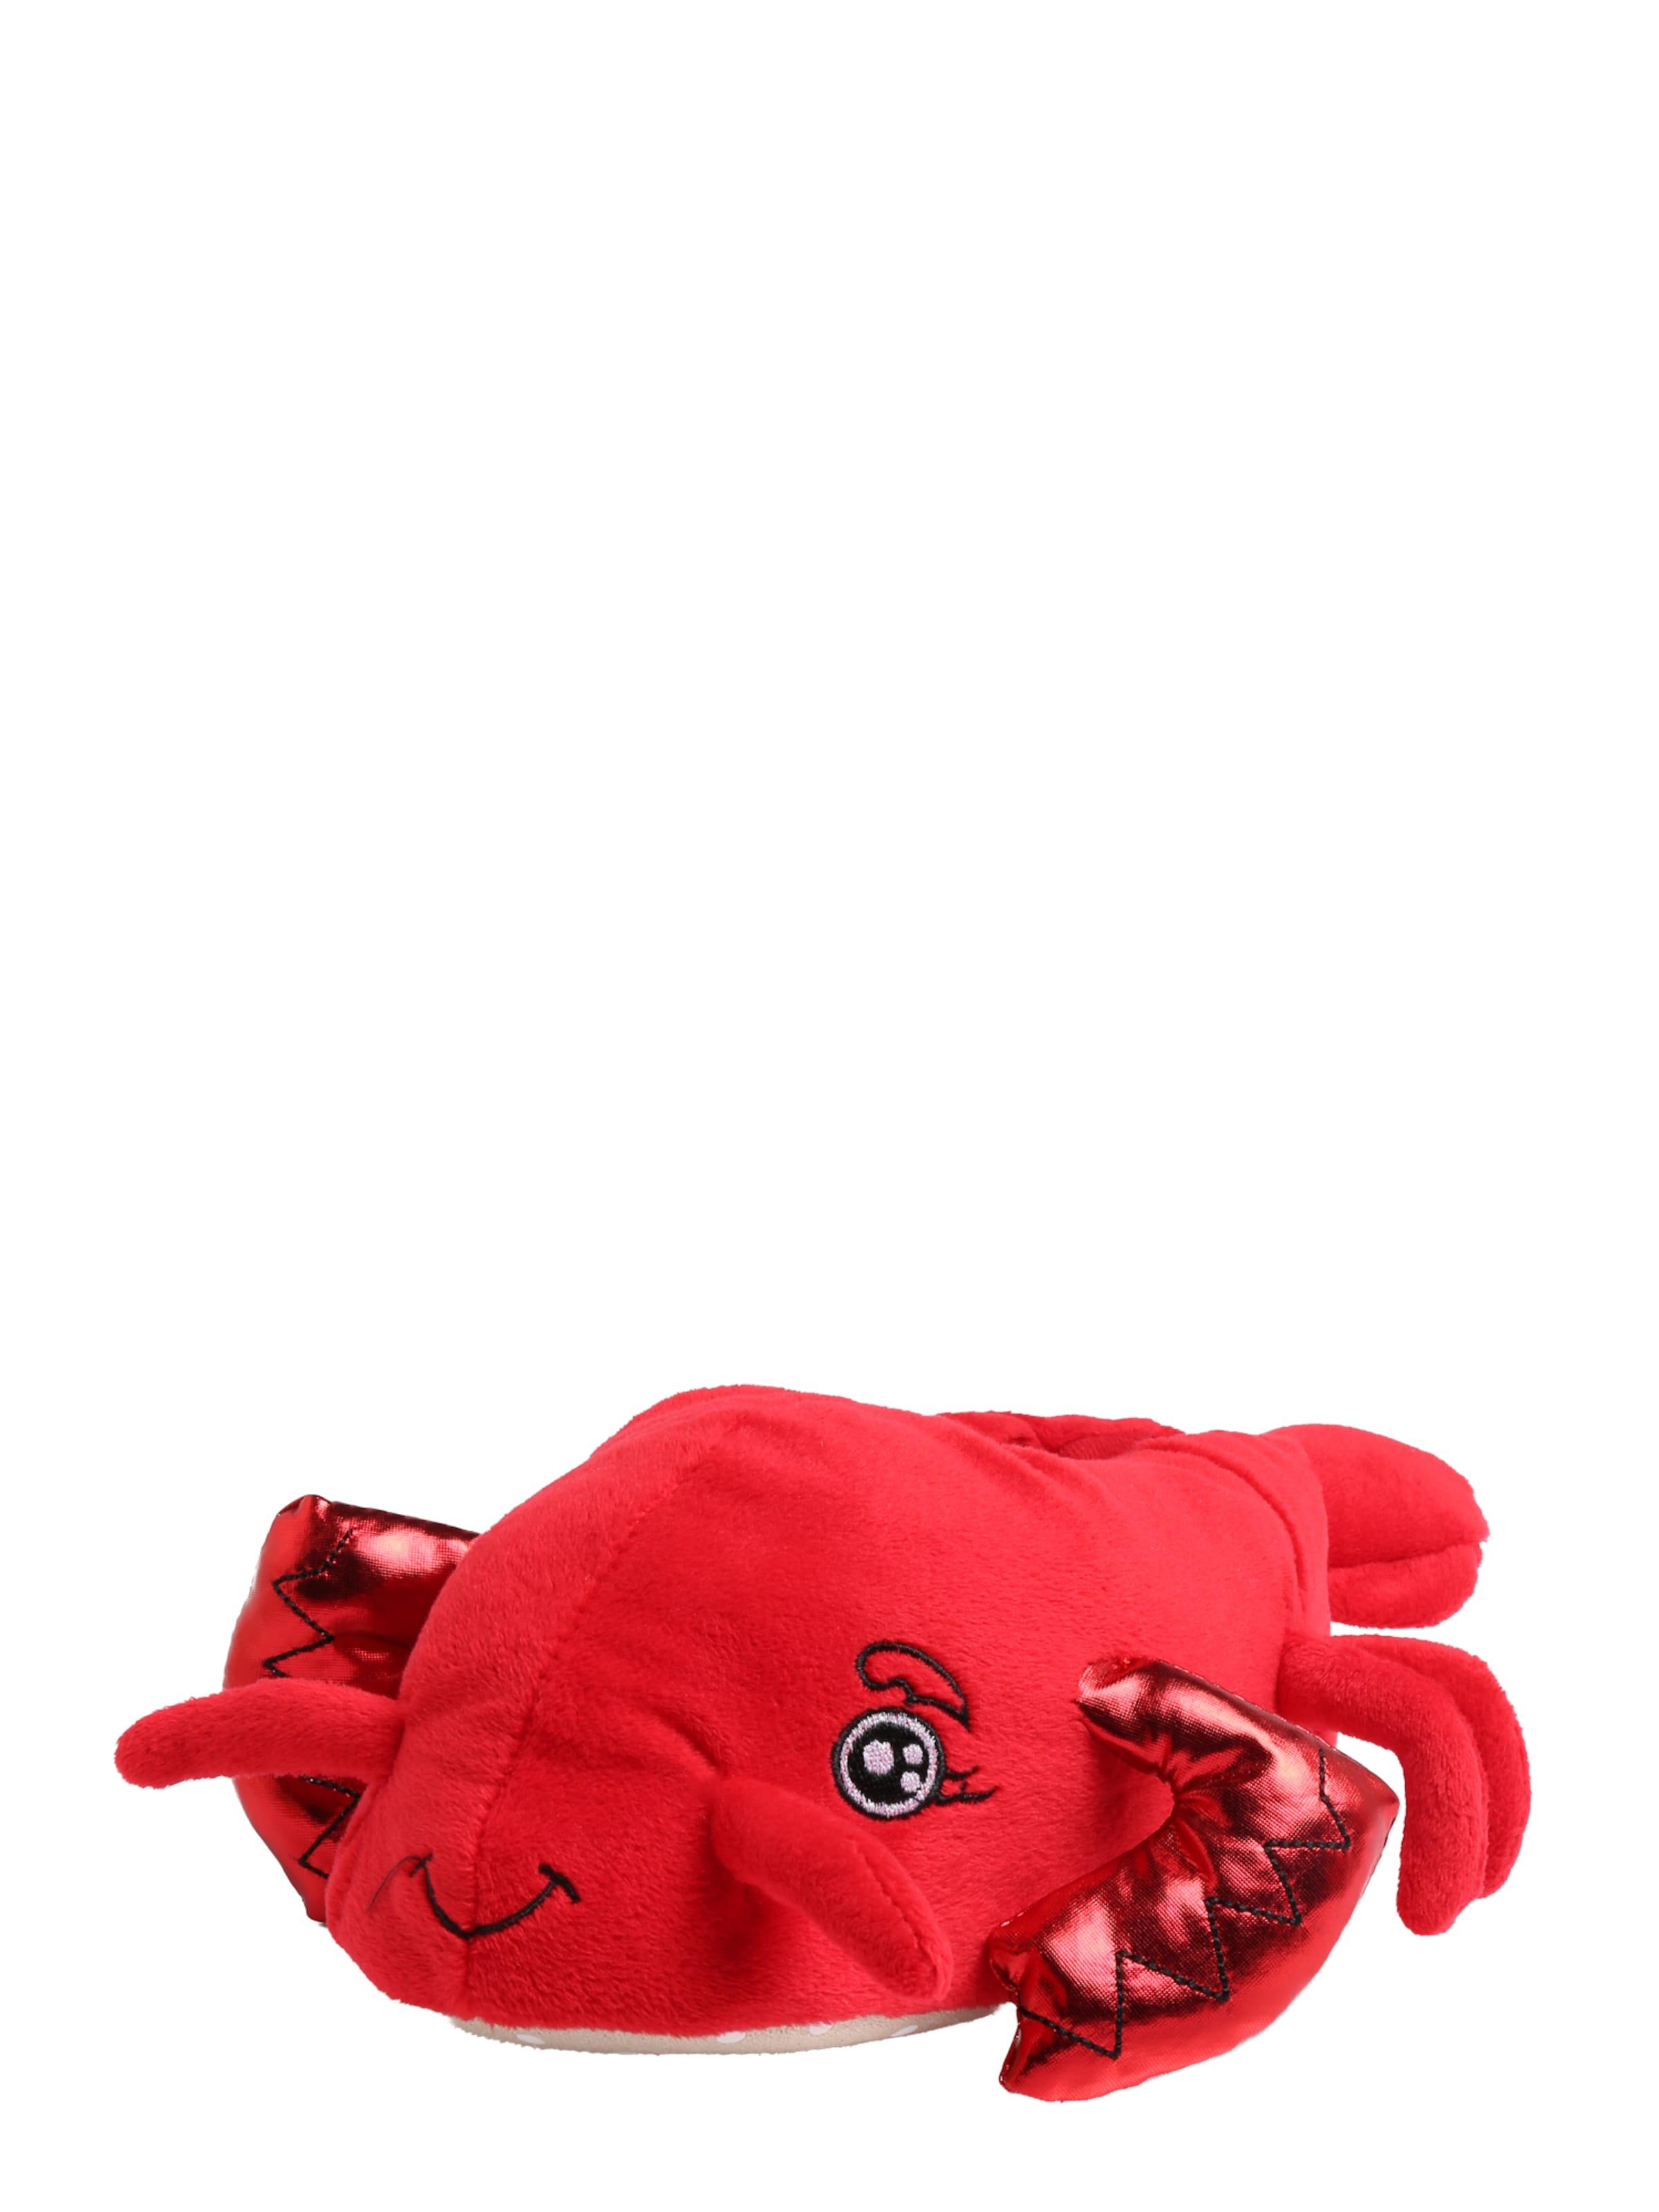 Nouvelles Chaussures De Maison Look Nippy 'rouge bpCMT